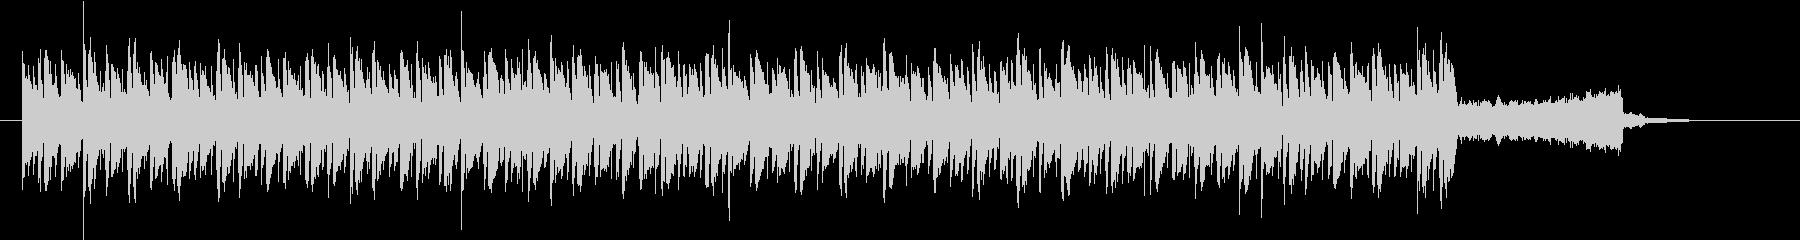 激しいトランスBGMの未再生の波形